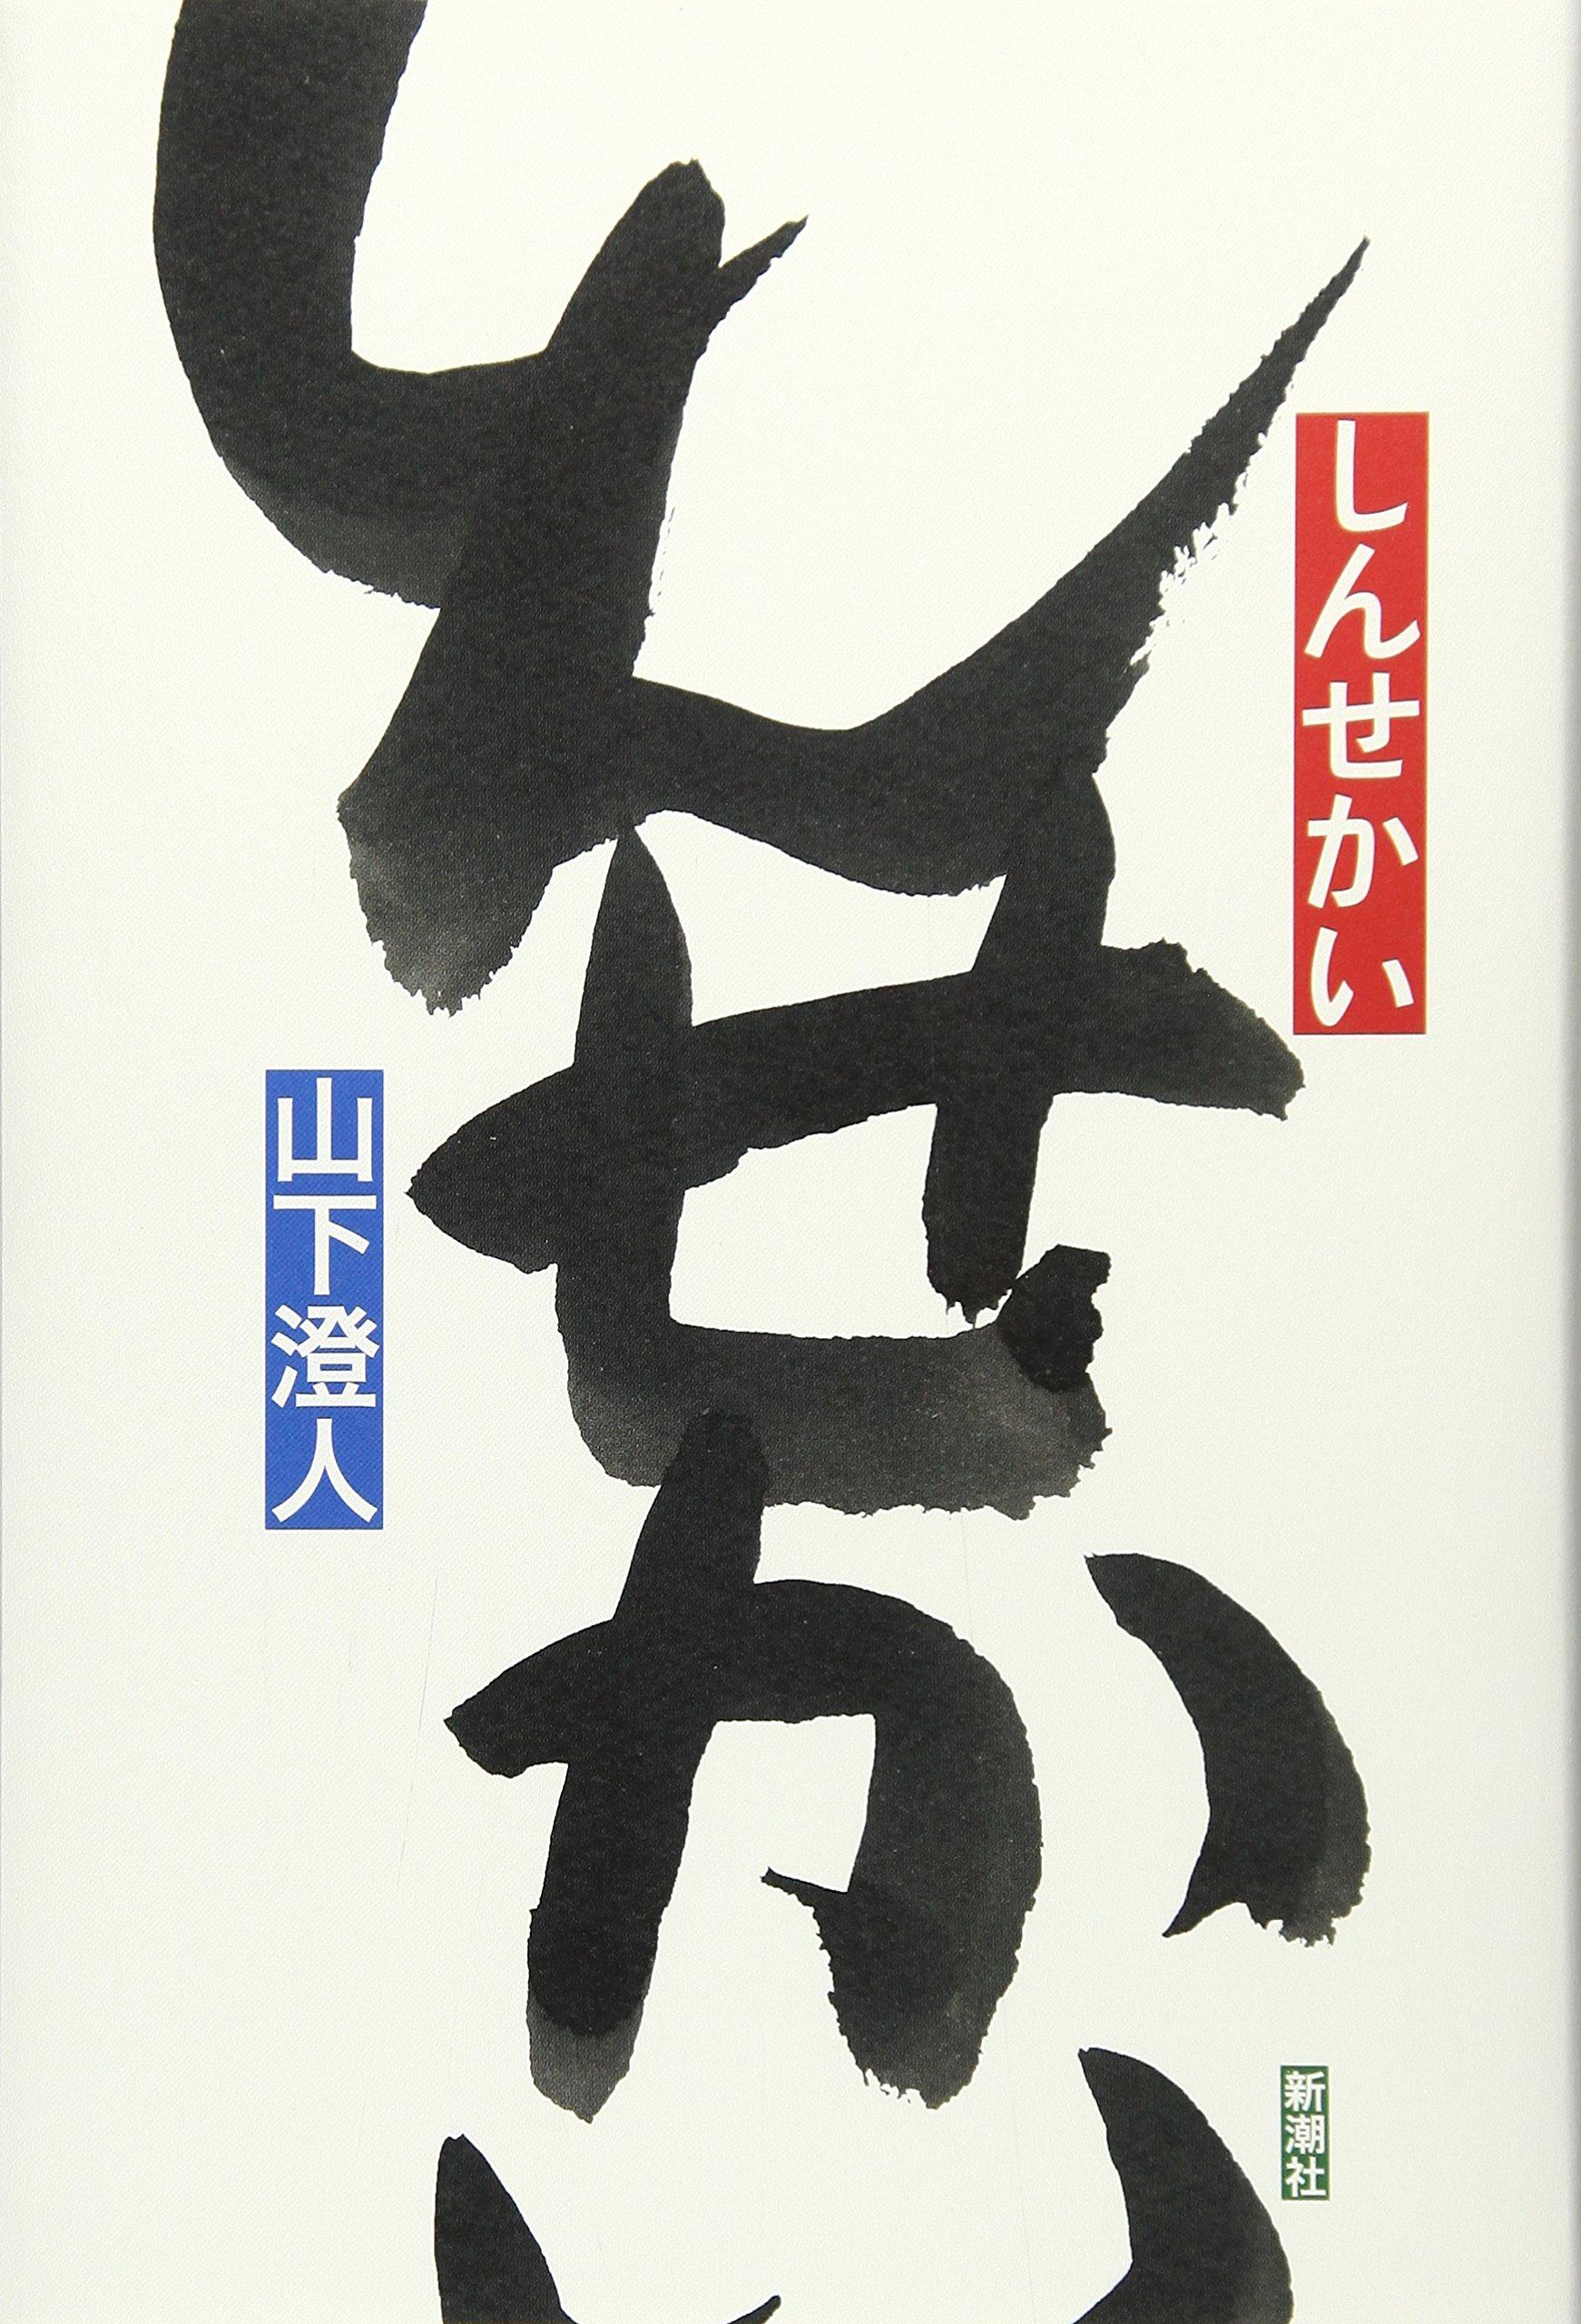 山下澄人のおすすめ作品5選!『しんせかい』で芥川賞受賞!